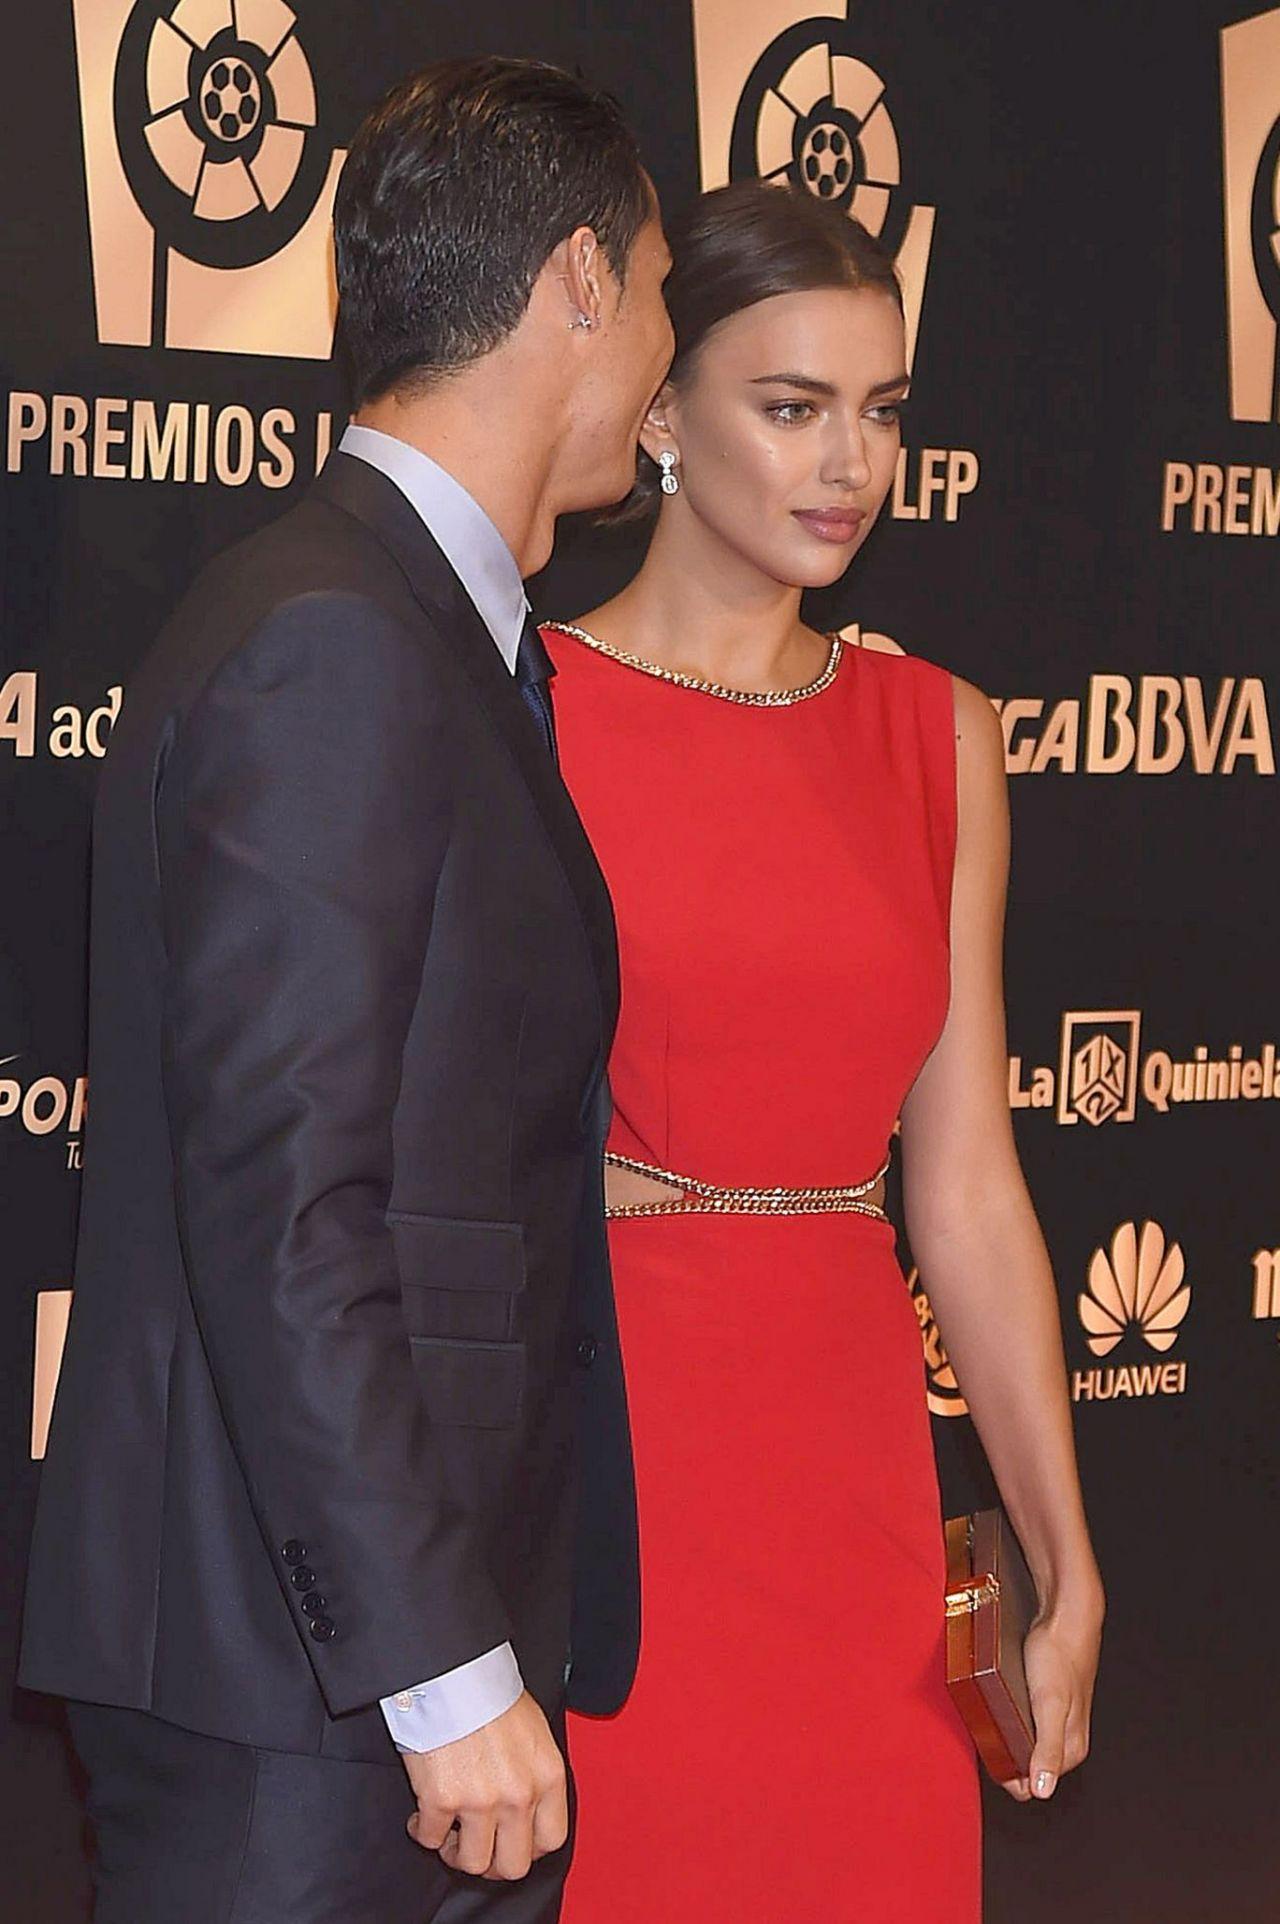 Irina Shayk & Her Boyfriend Cristiano Ronaldo - 2014 Liga ... Irina Shayk Cristiano Ronaldo 2014